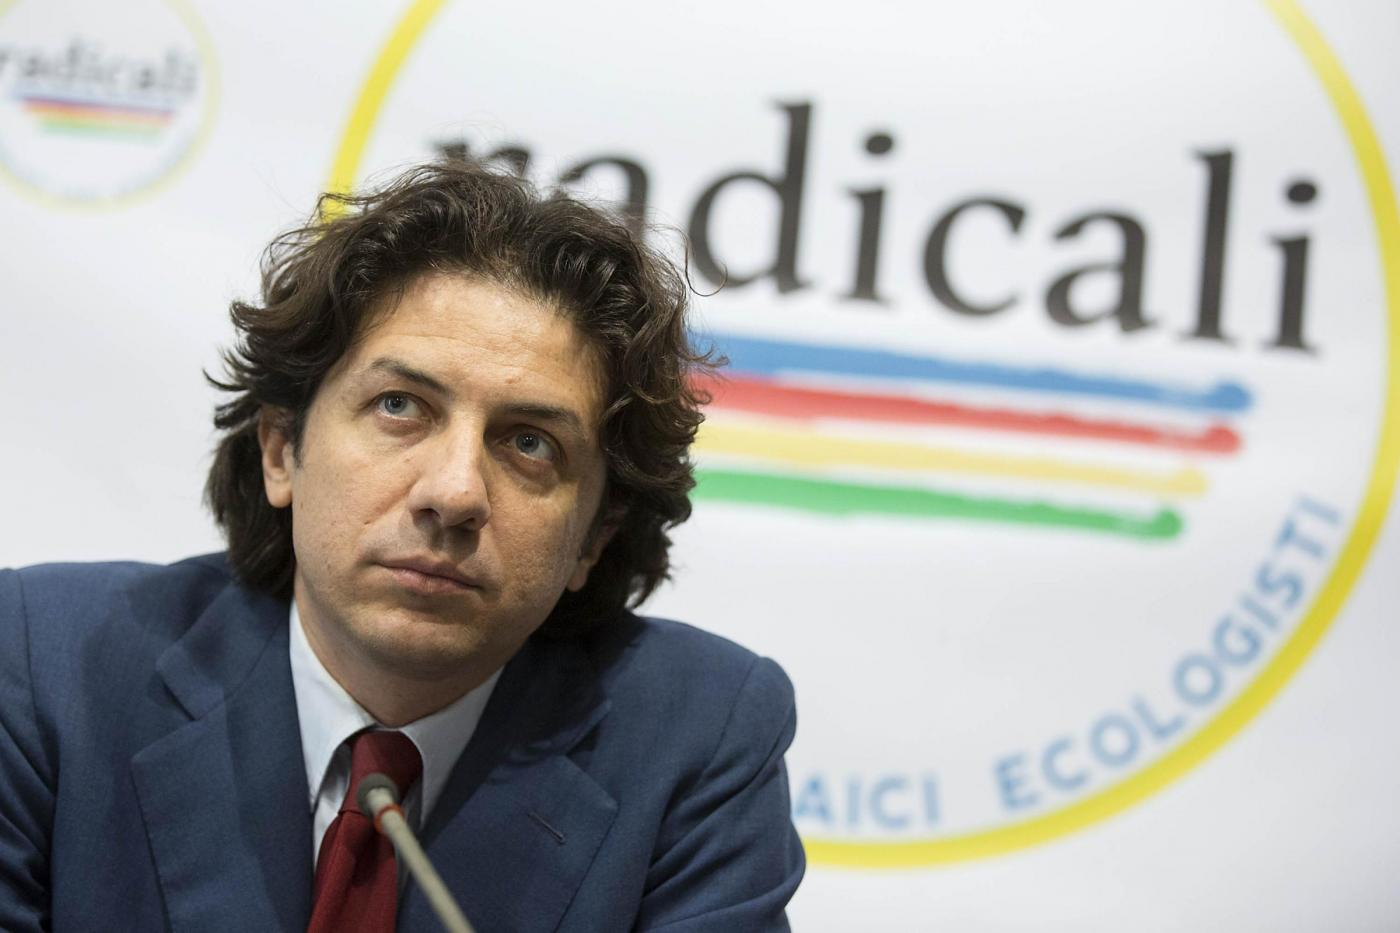 Marco Cappato indagato, ma è già stato arrestato 3 volte